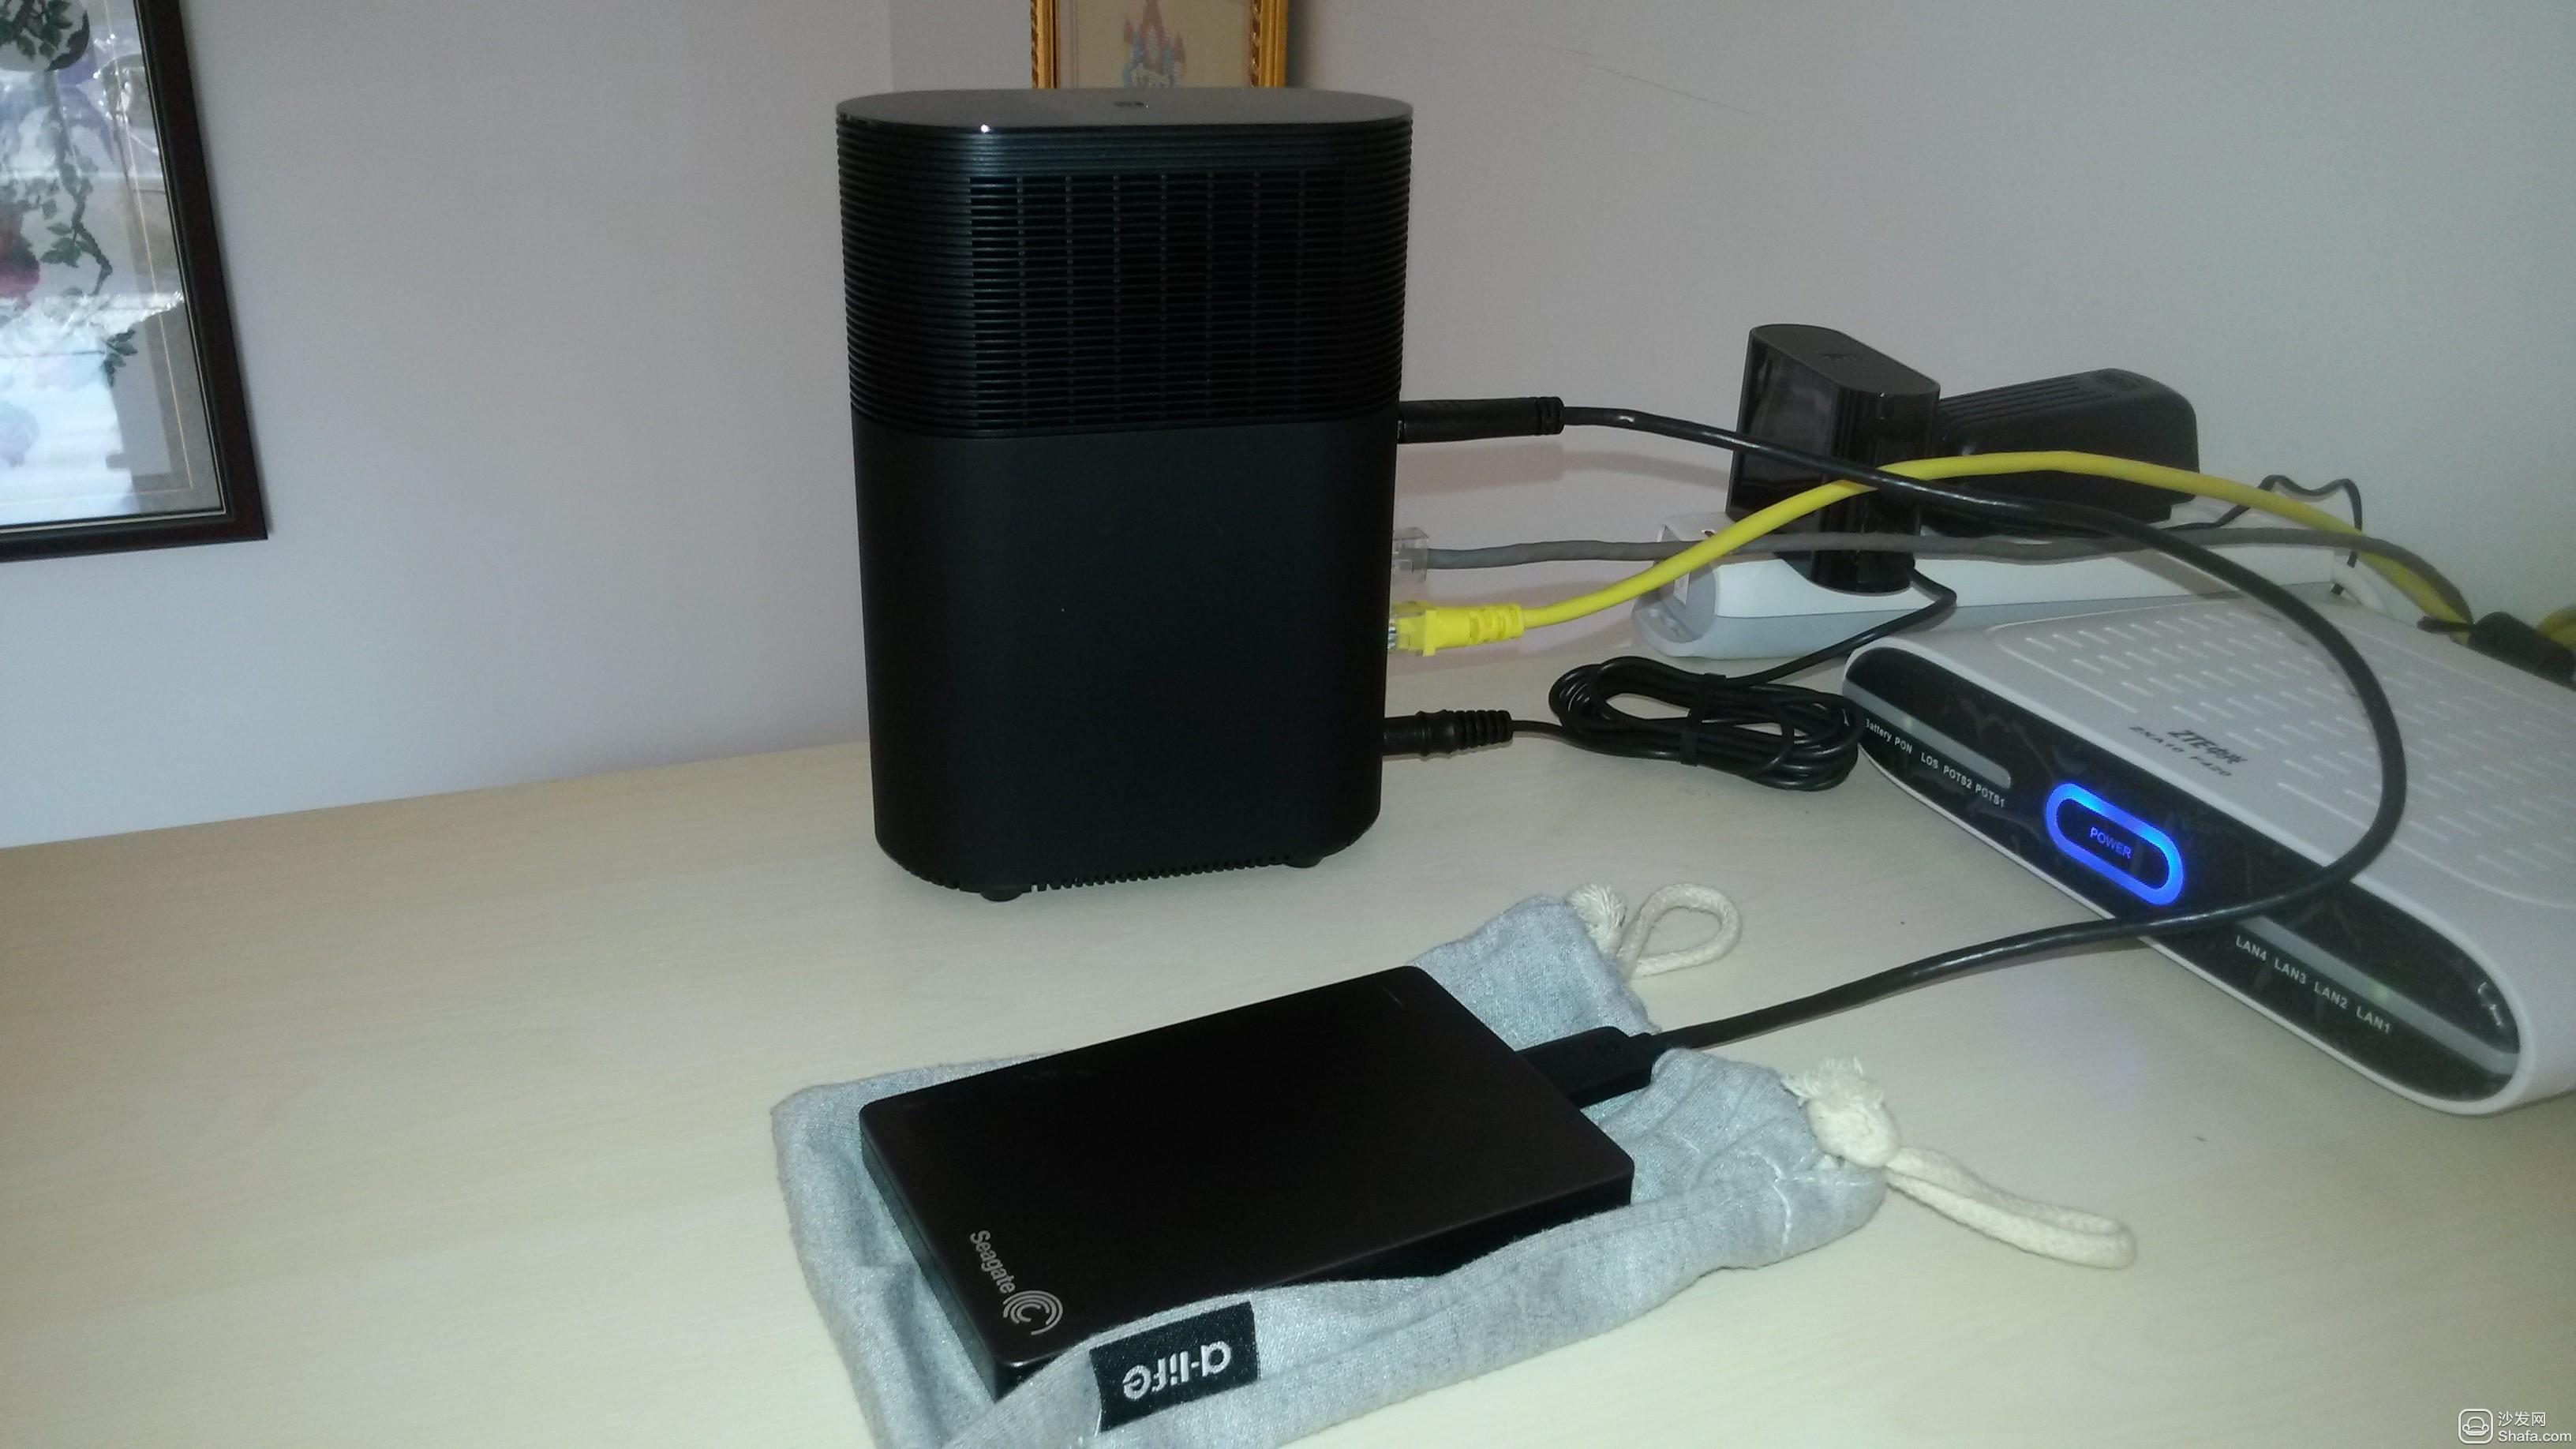 小米路由器连接移动硬盘实现家庭共享